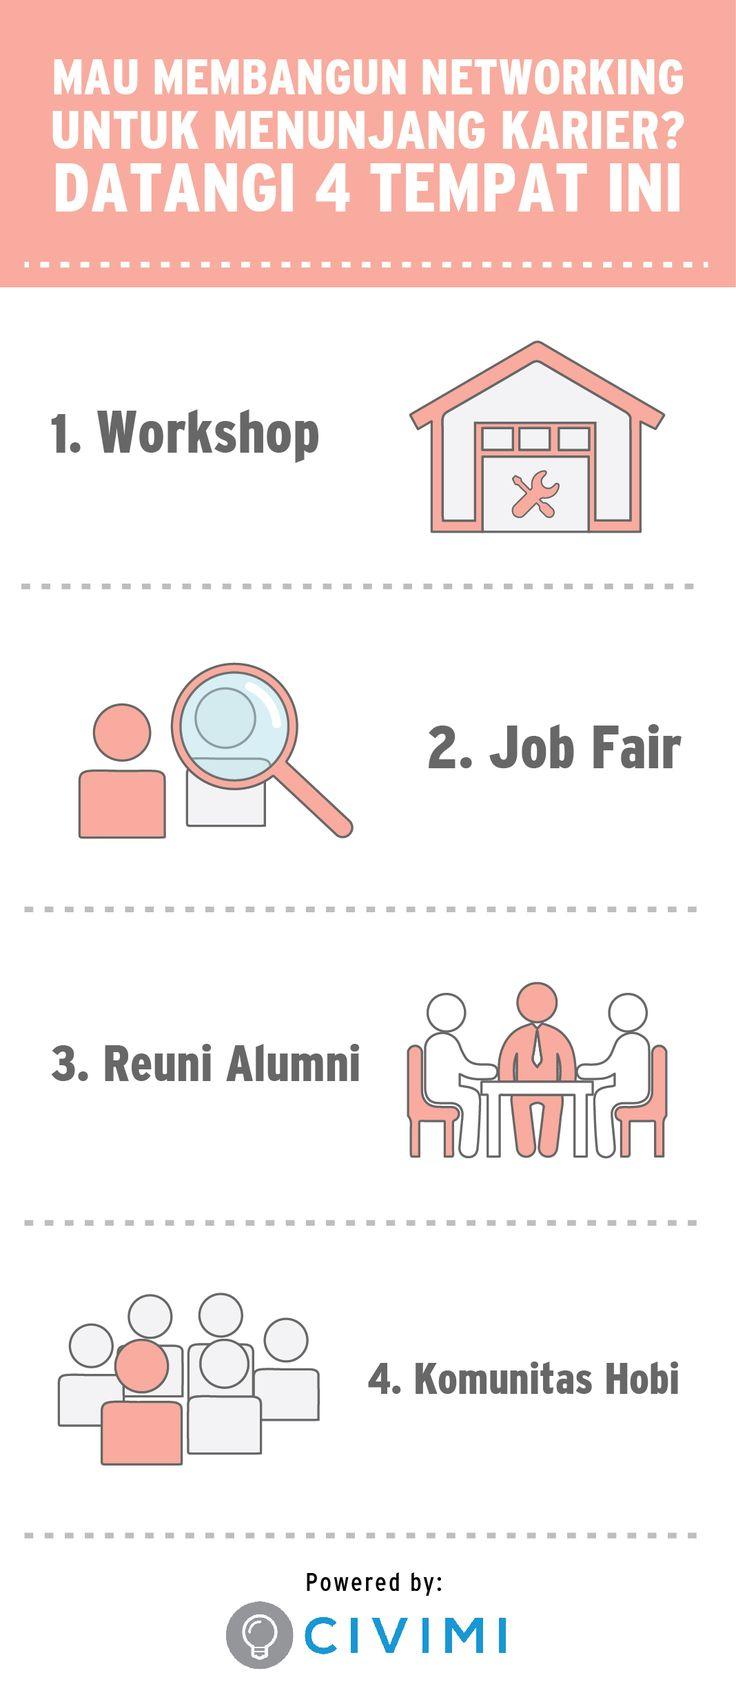 Mau Membangun Networking untuk Menunjang Karier? Wajib Datangi 4 Tempat Ini (Infographic)